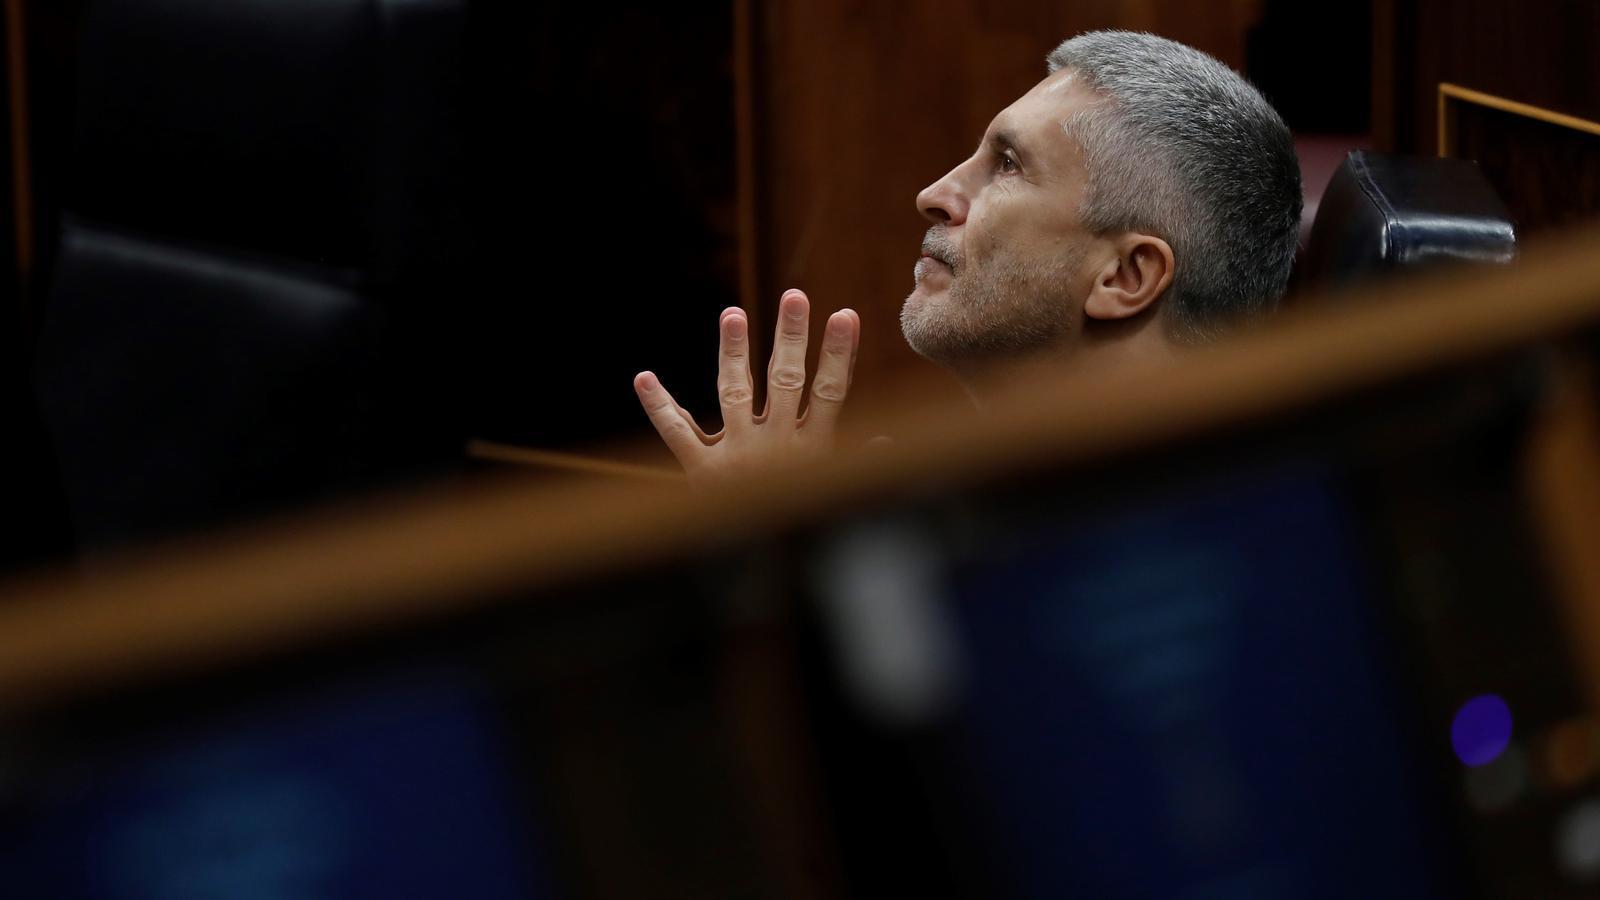 El ministre de l'Interior, Fernando Grande-Marlaska, durant la sessió de control al Congrés d'aquest dimecres.